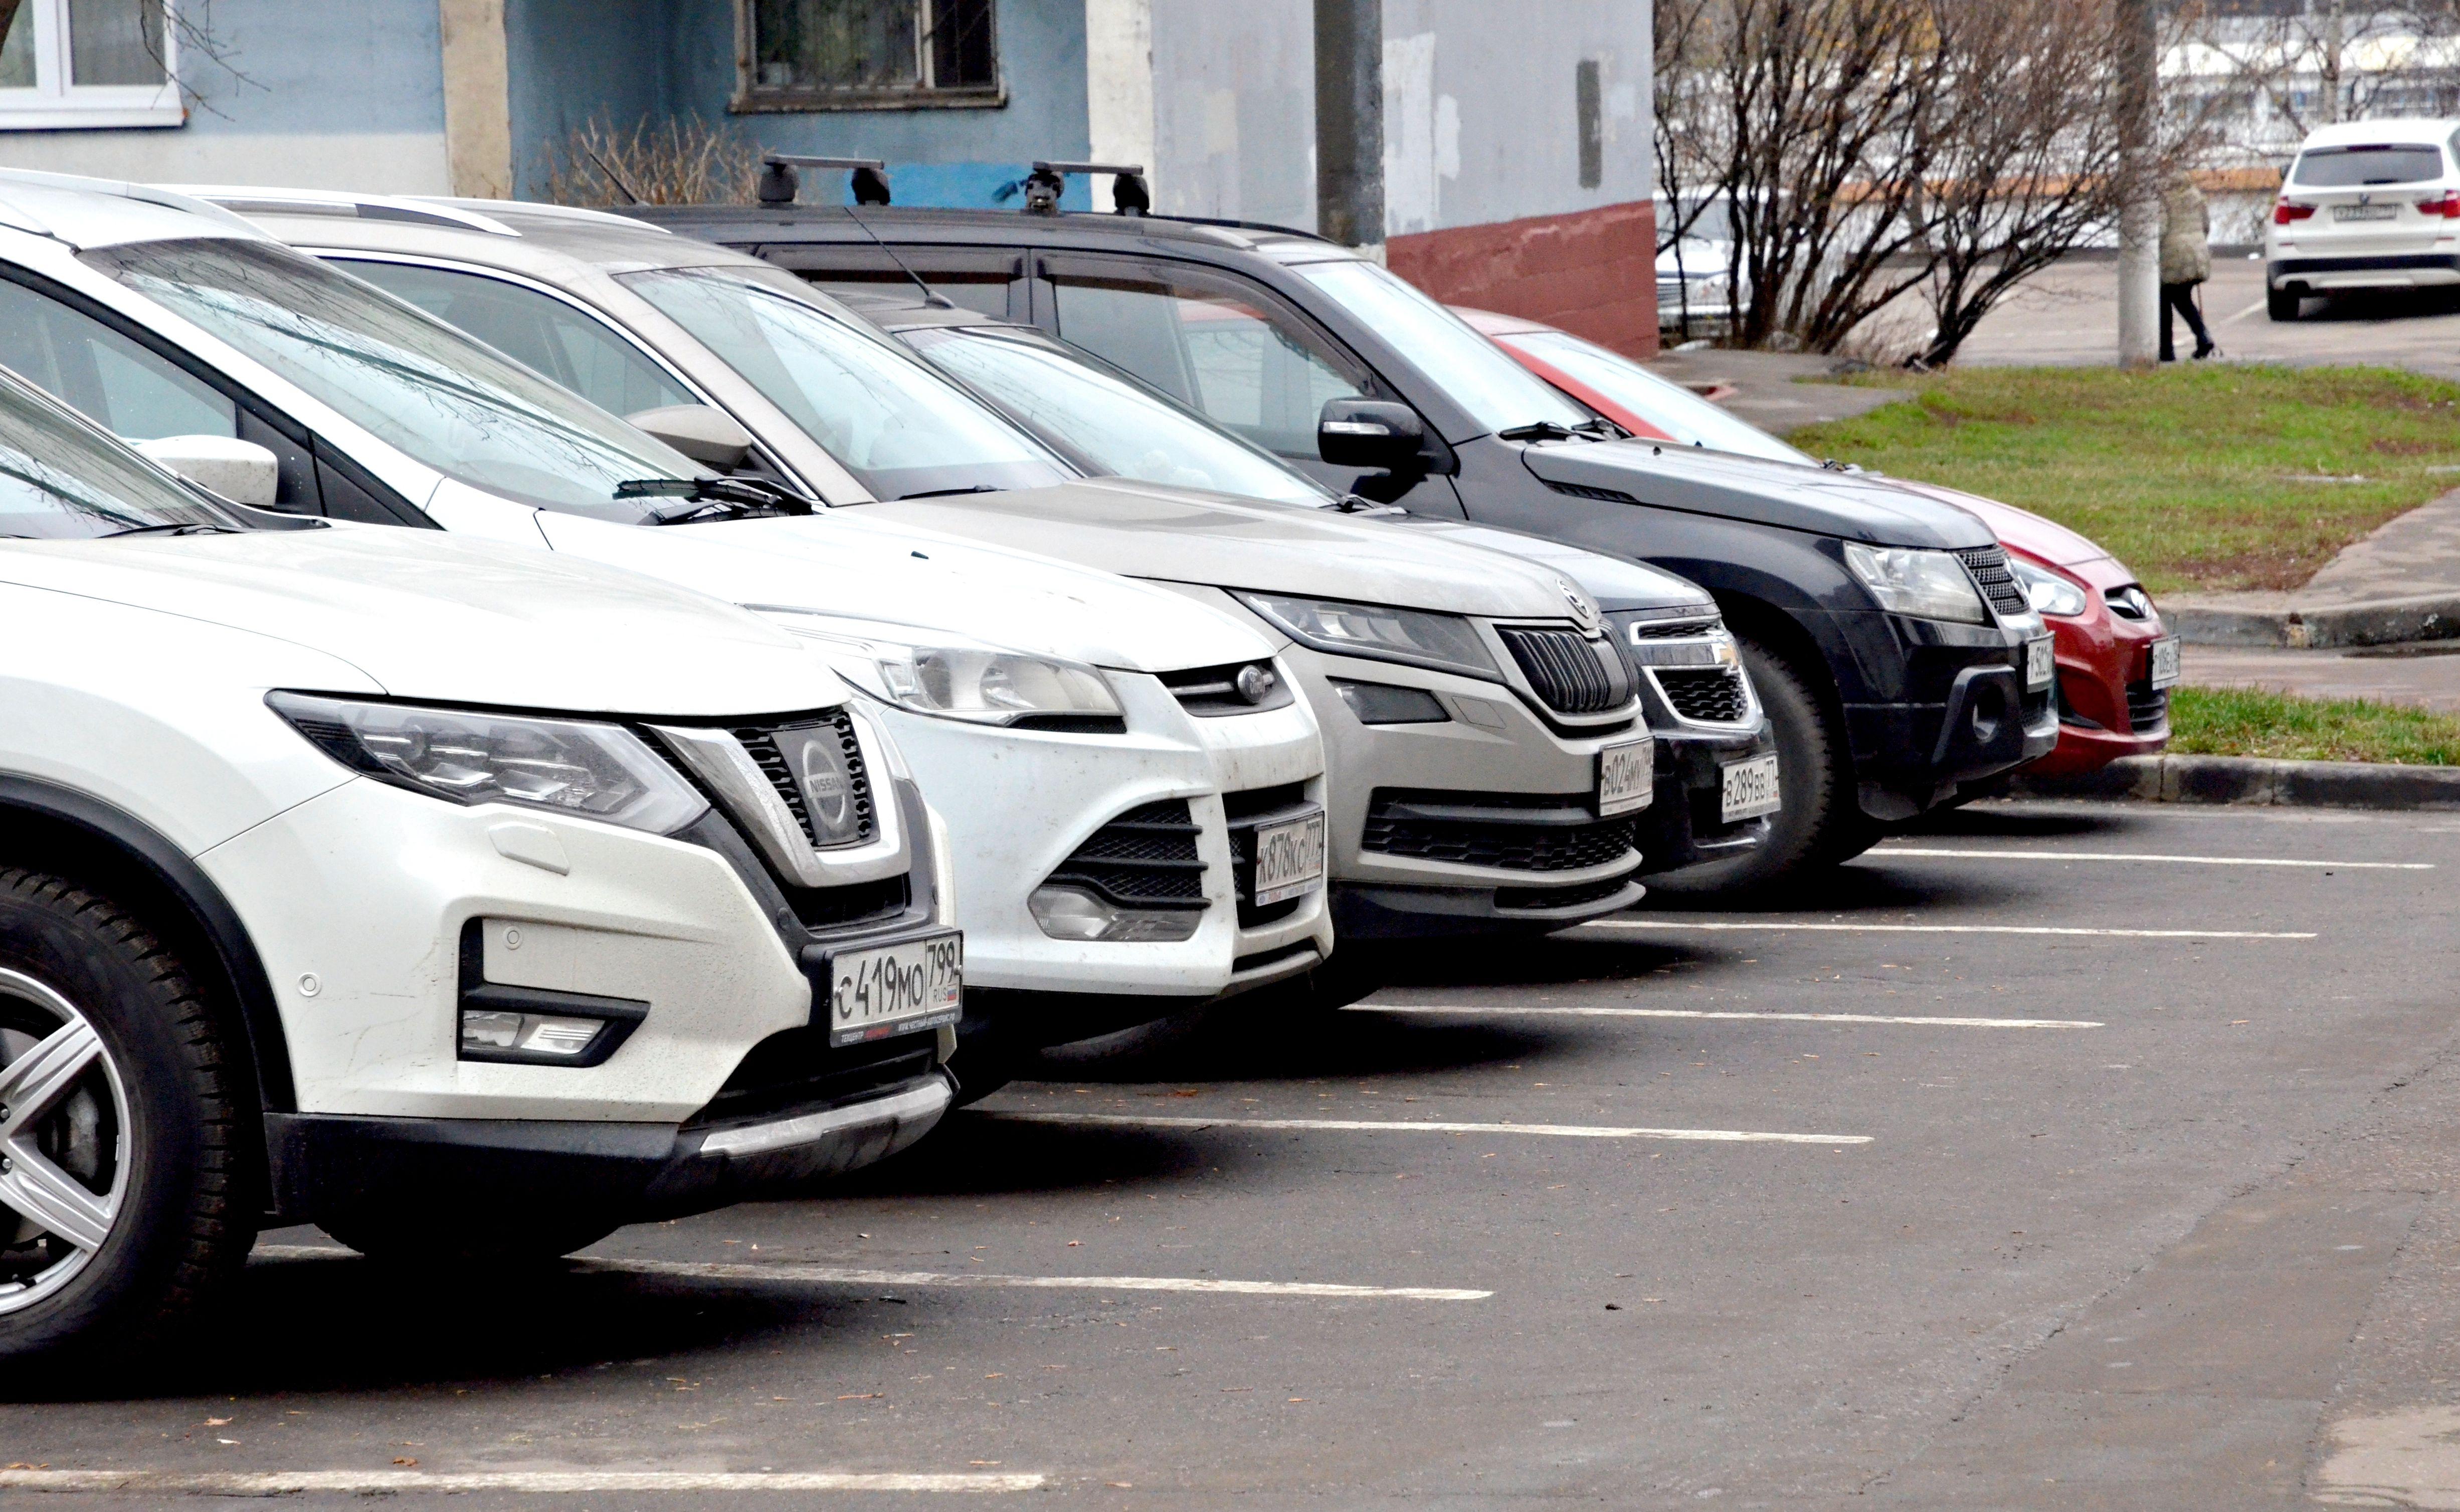 Водители смогут приобрести парковочные абонементы на Кировоградской улице